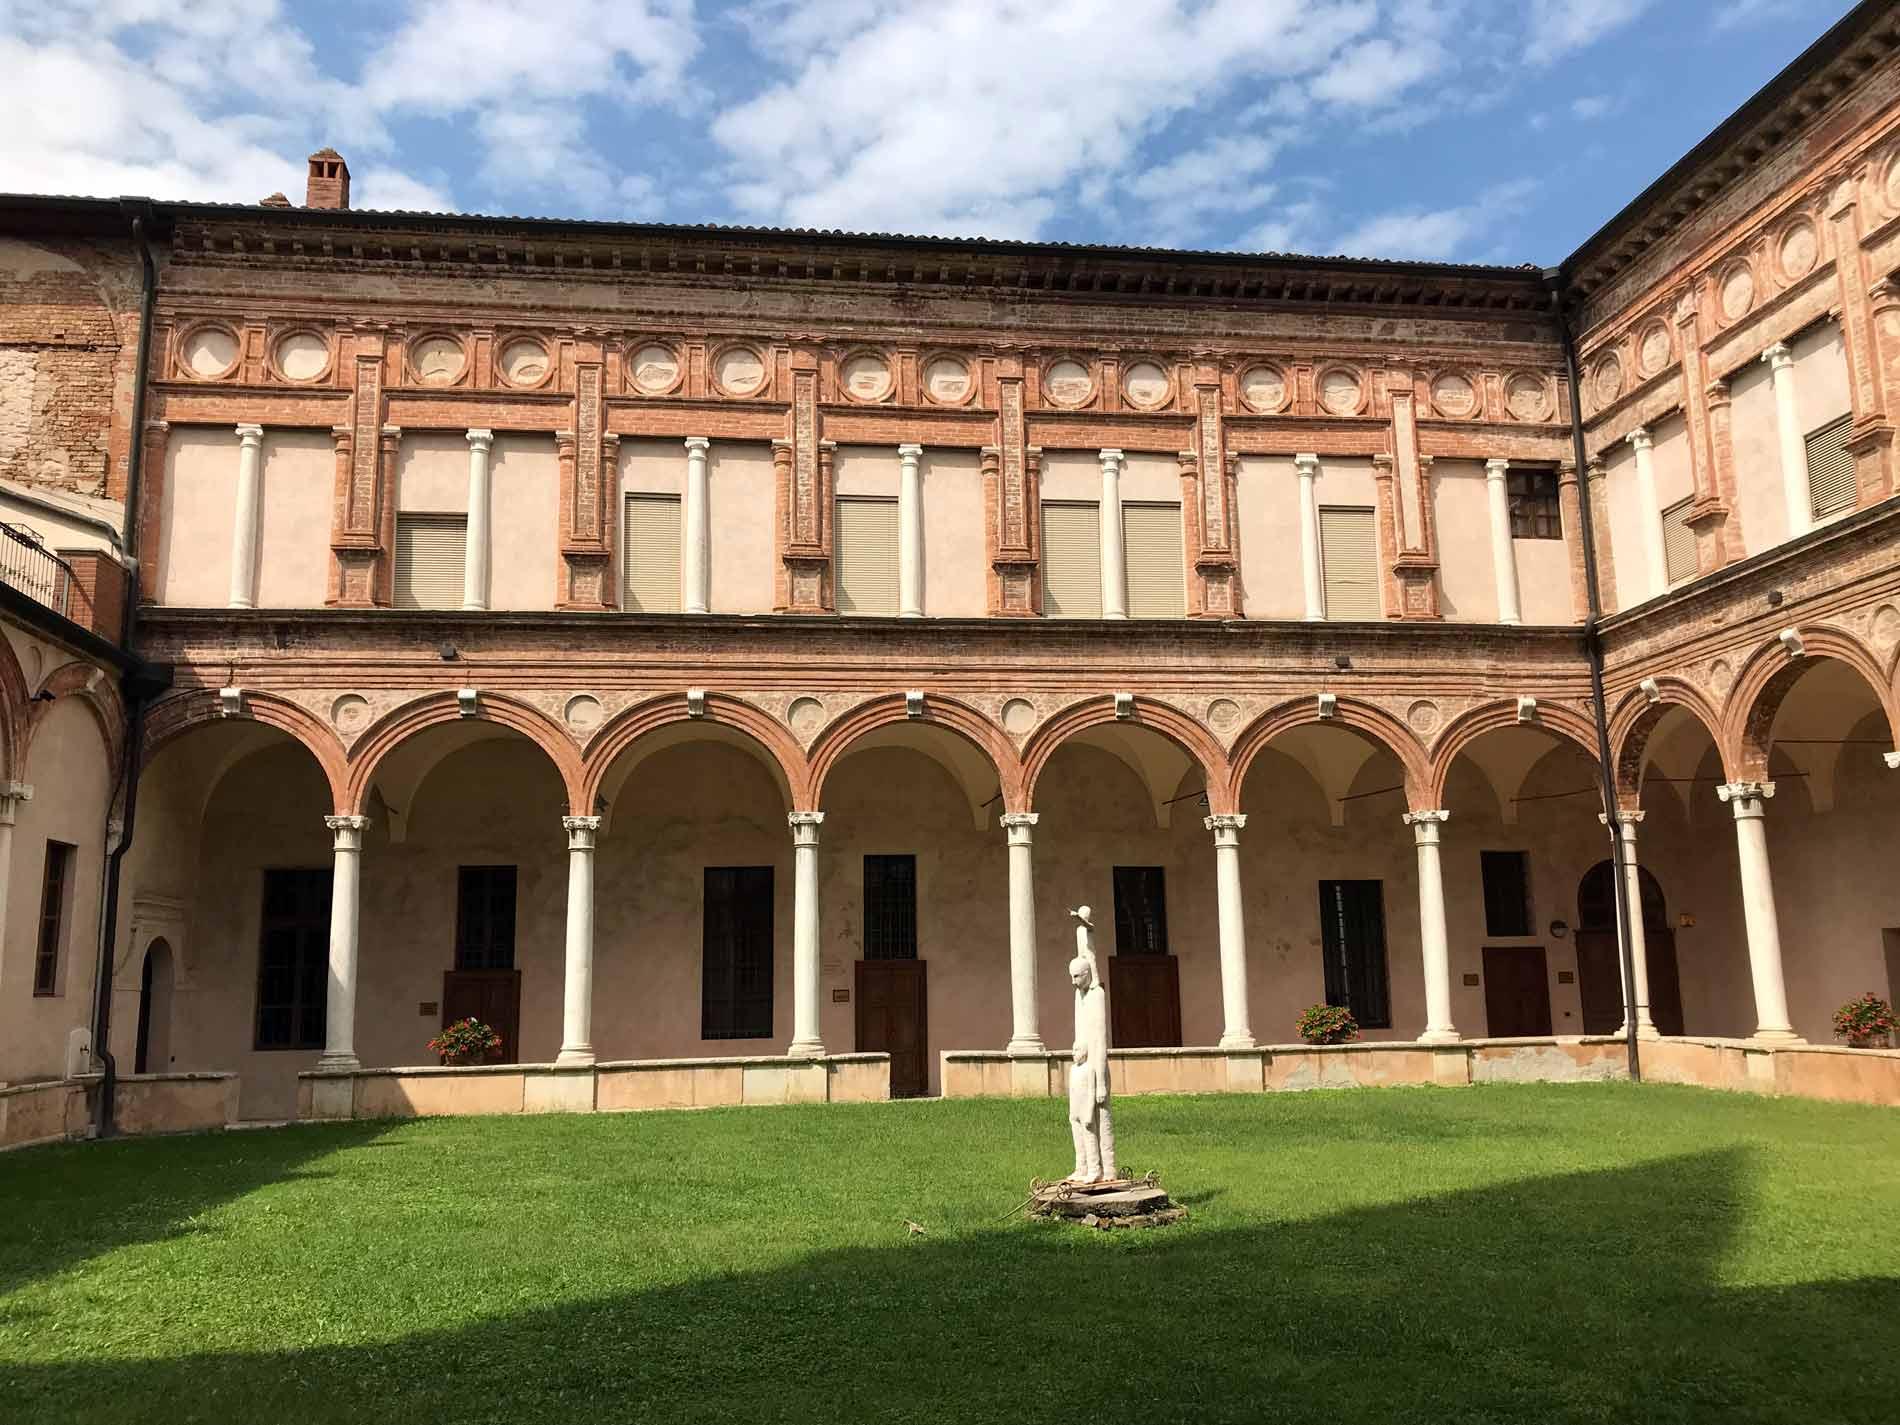 cremona-chiesa-SantAbbondio-chiostro-rinascimentale-bramantesco-colonne